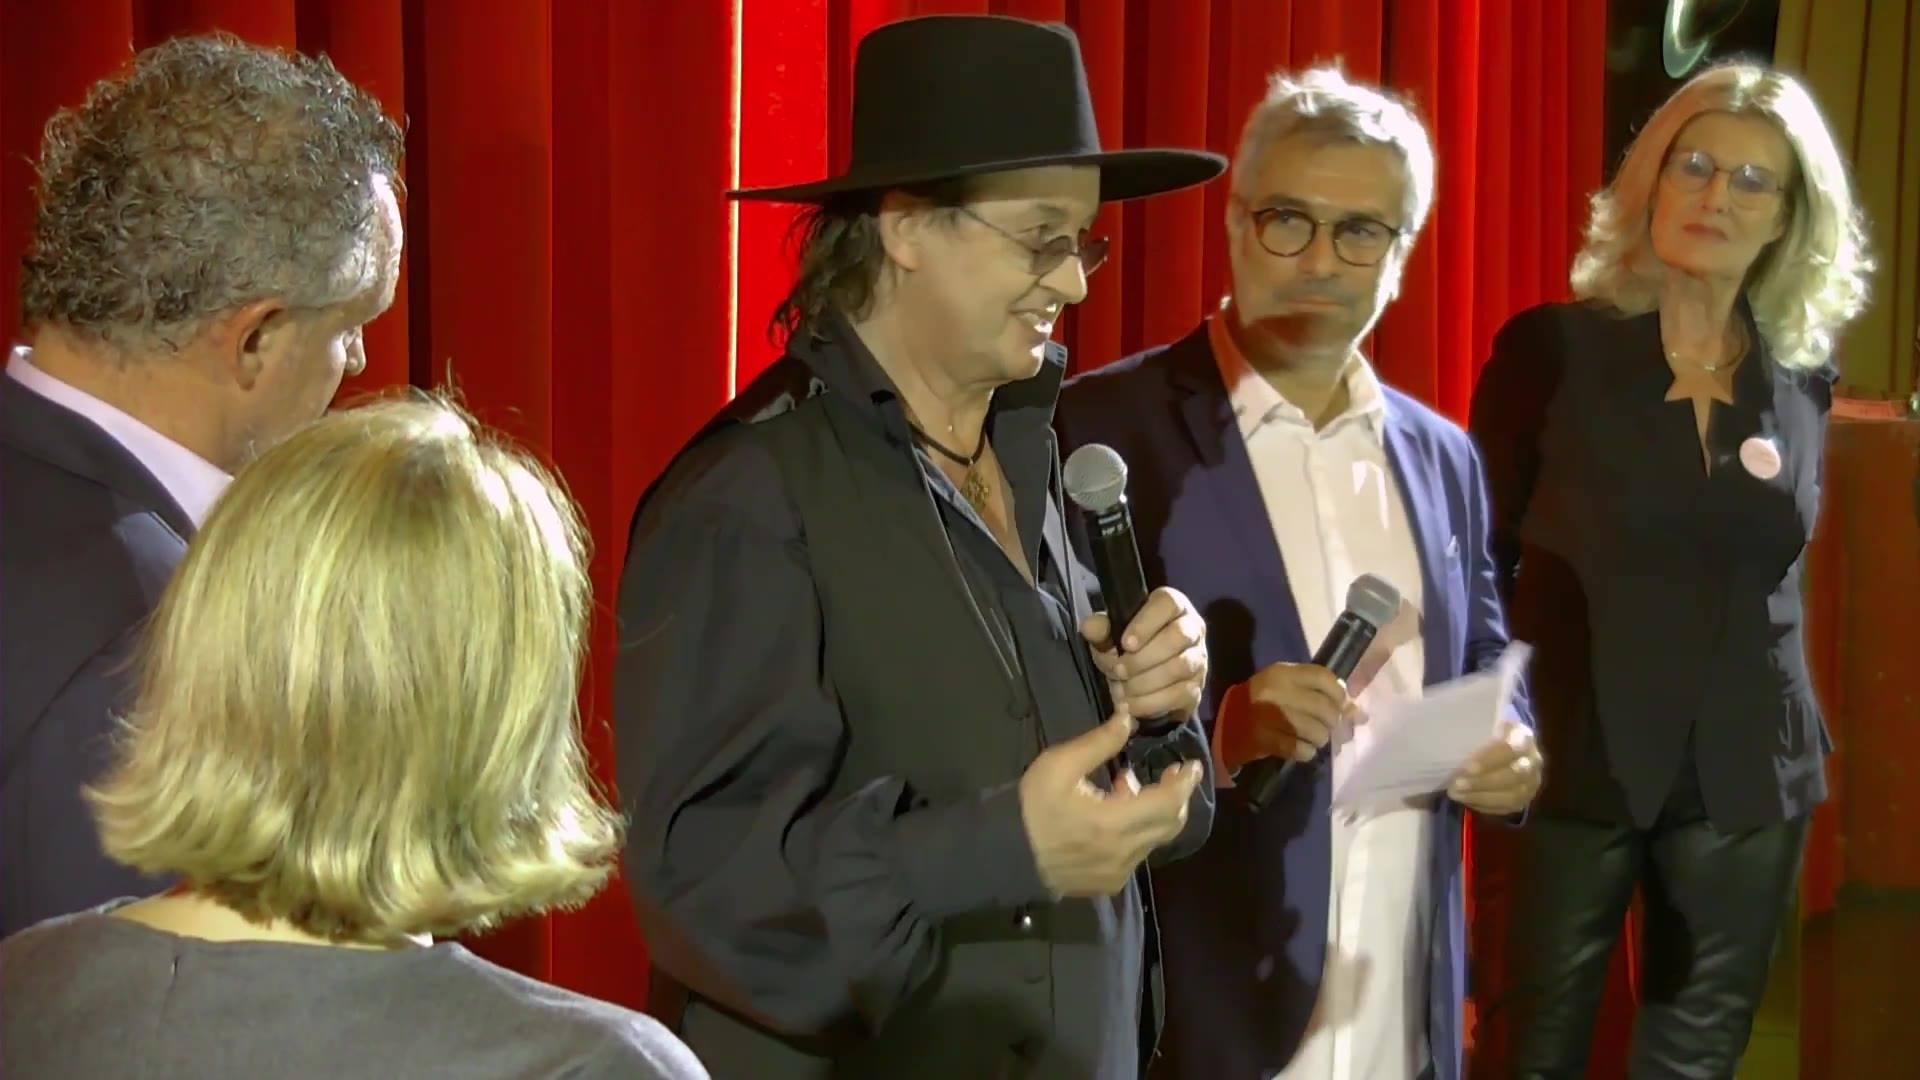 Trophée d'honneur 2017 : remis par Stéphane Robert Le Dauphiné Libéré à Marc Veyrat parrain de l'édition 2017